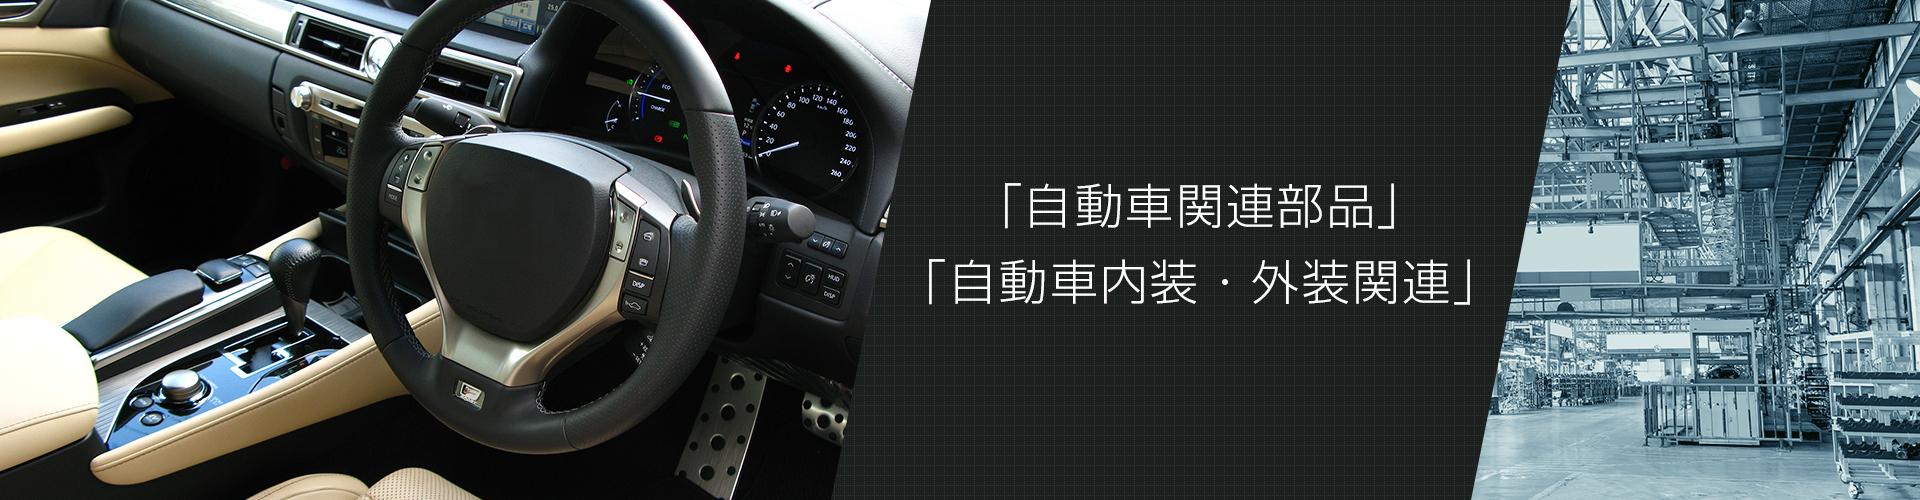 「自動車関連部品」「自動車内装・外装関連」